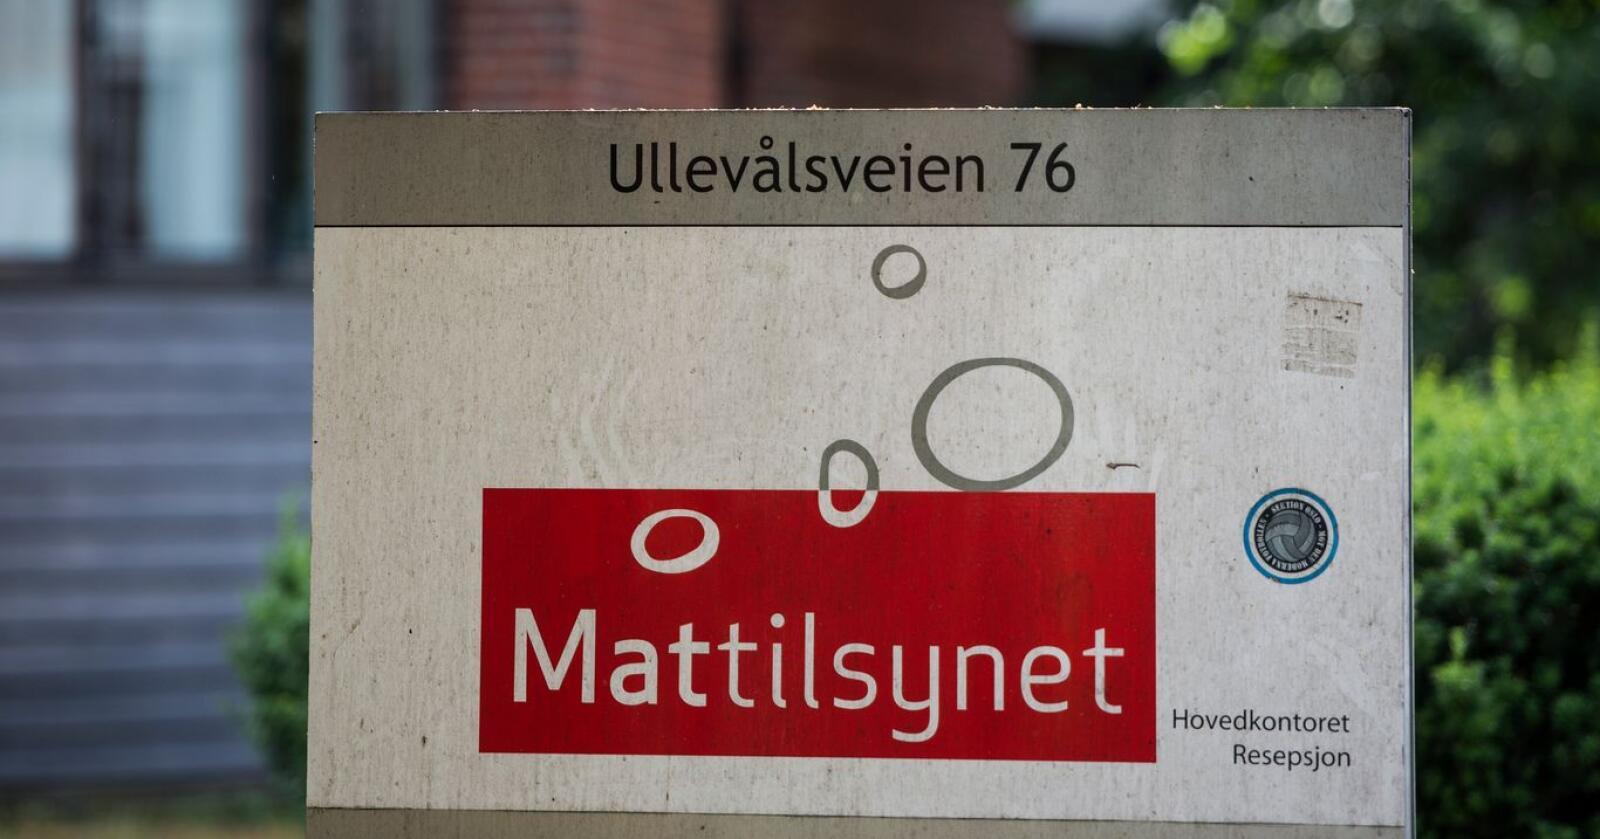 Revisjons- og rådgivningsselskapet KPMG gir en rekke anbefalinger til endringer av Mattilsynets sytemer og rutiner. Foto: Carina Johansen / NTB Scanpix